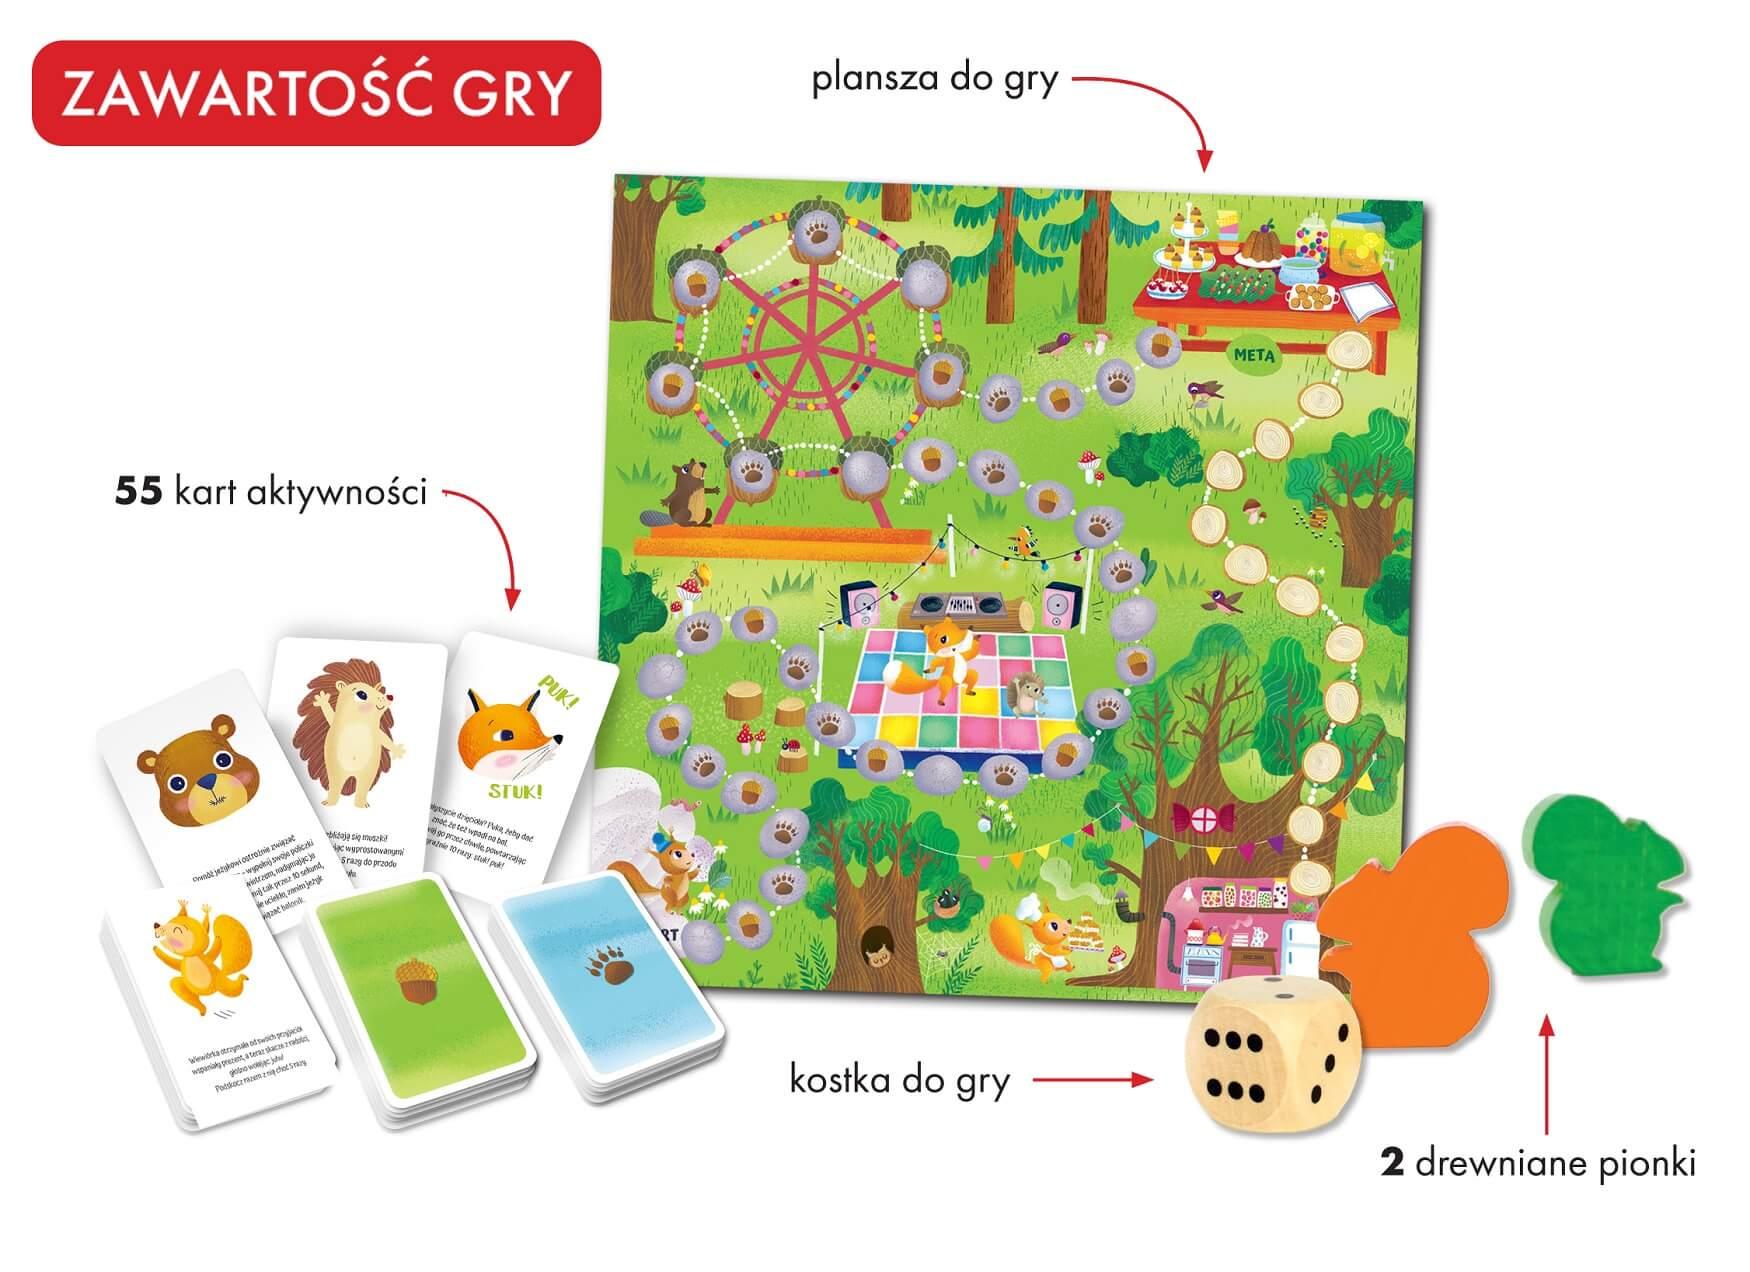 Leśny bal. Gra logopedyczna - gra rozwijająca umiejętność komunikacji